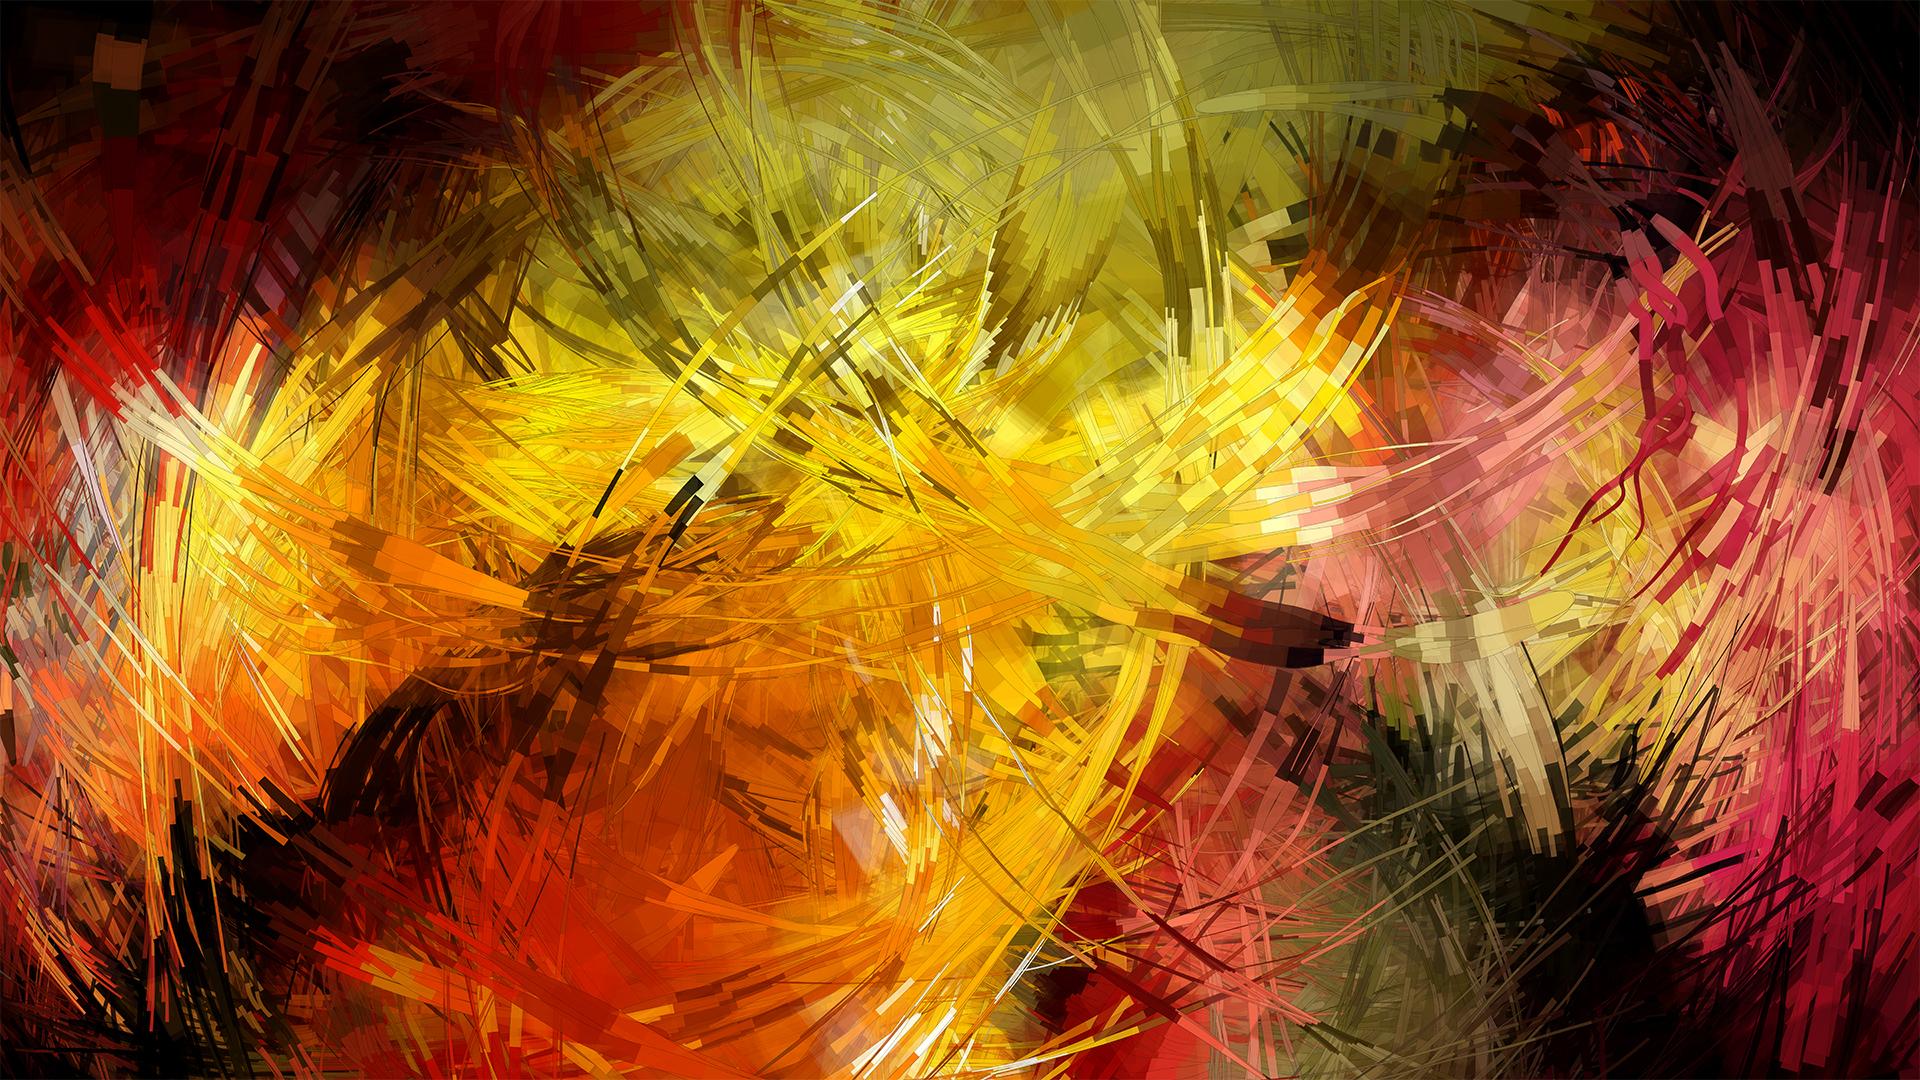 графика абстракция цвет graphics abstraction color без регистрации